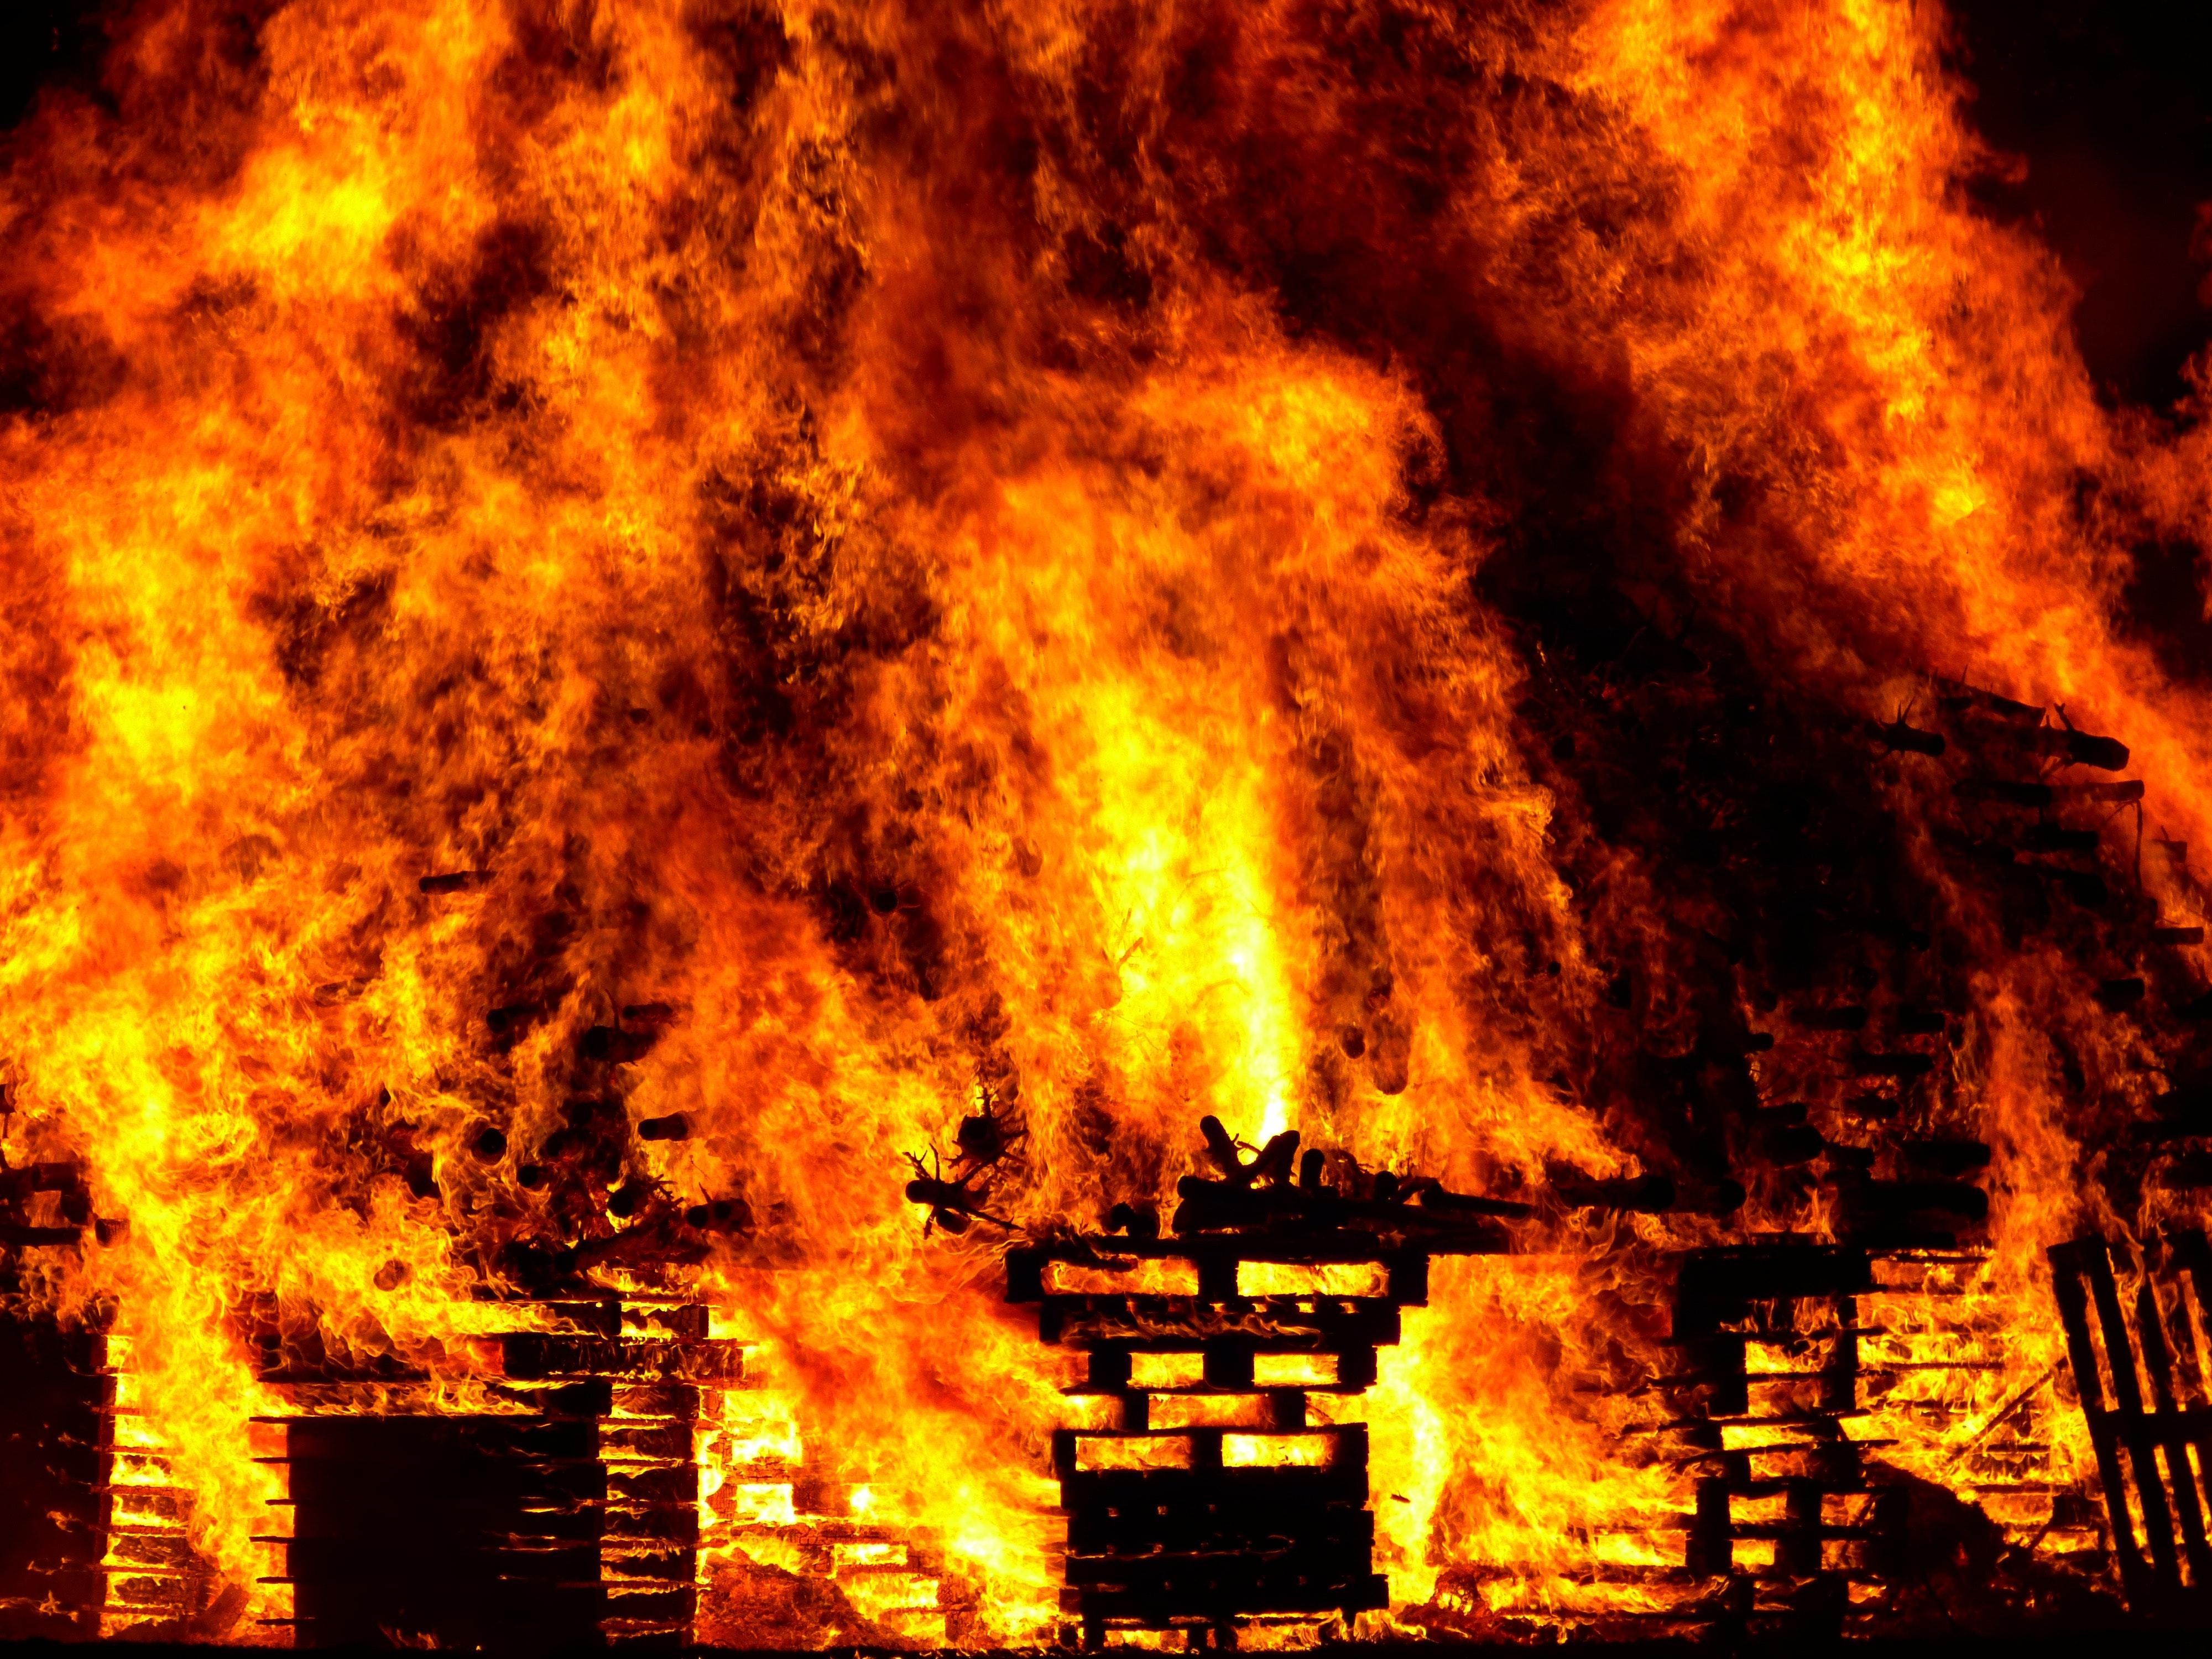 सोलुखुम्बु बेनिमा आगलागि घर पूर्ण रुपमा जलेर नष्ट